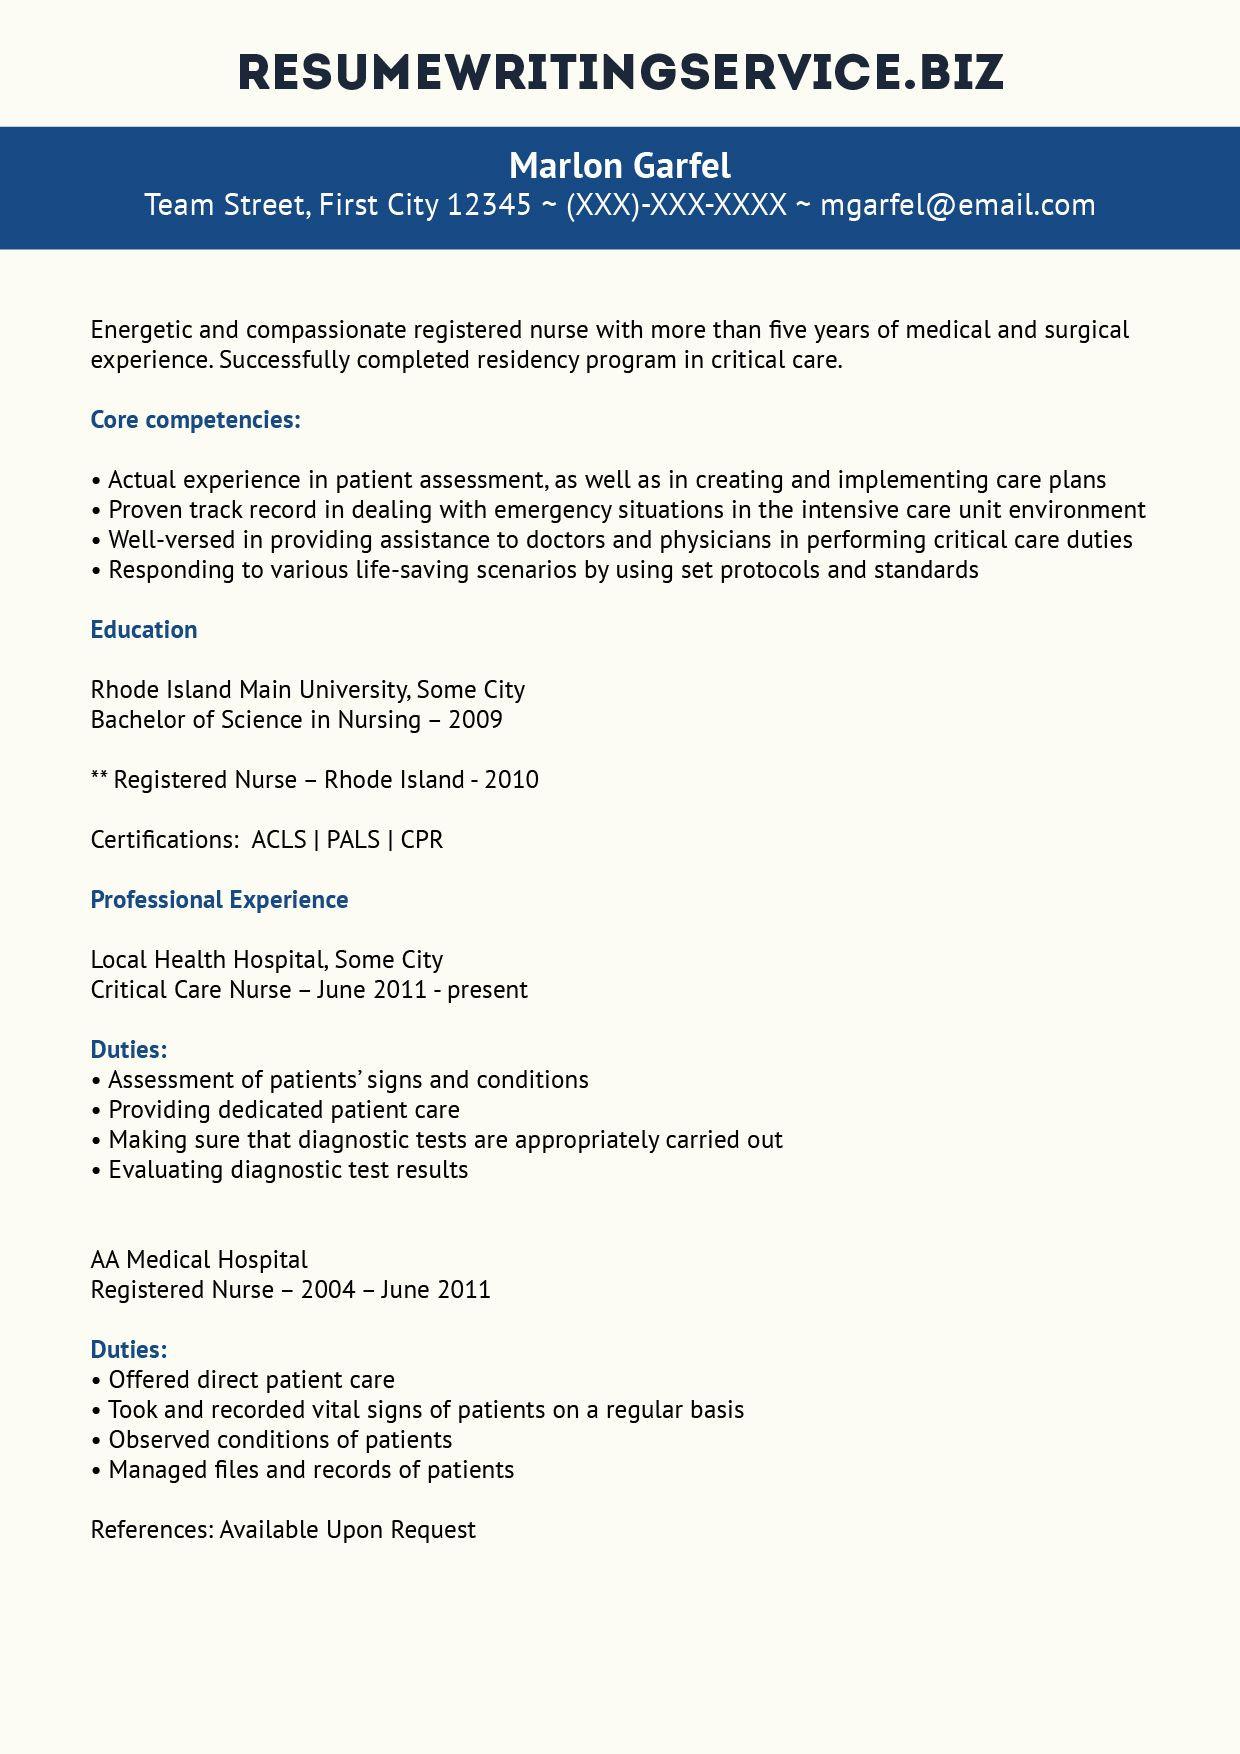 Critical Care Nurse Resume